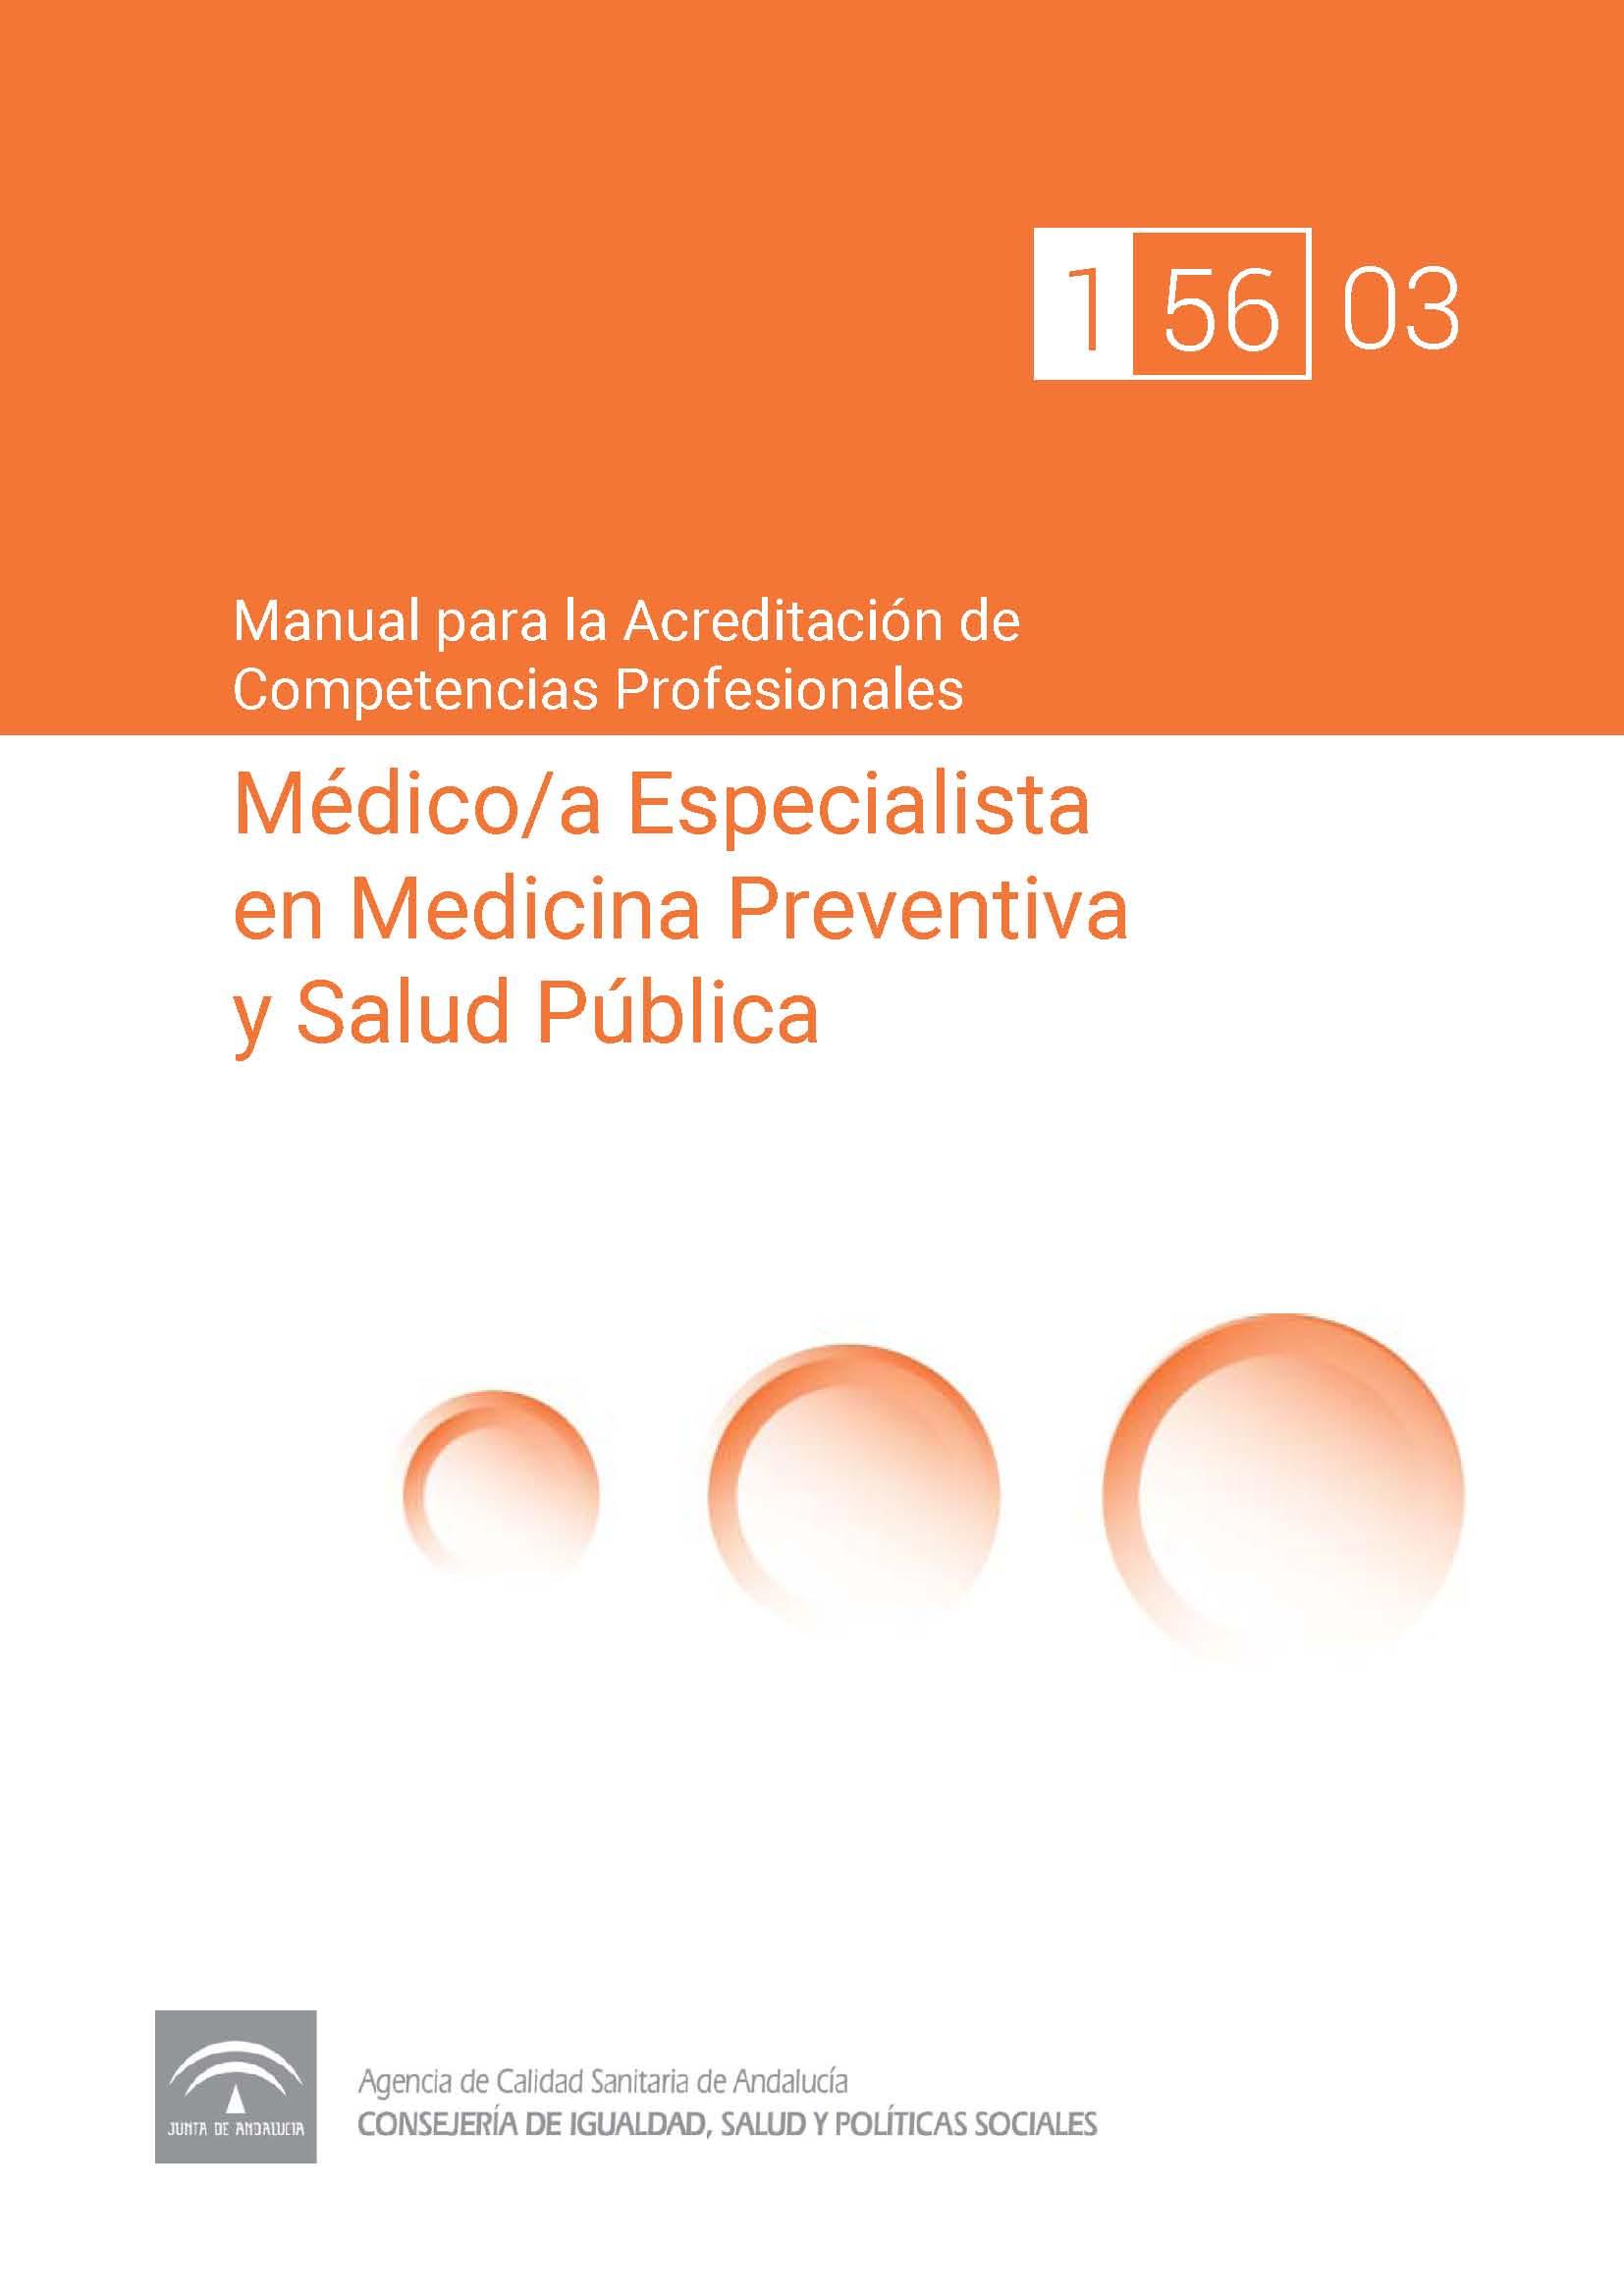 Manual de competencias profesionales del/de la Médico/a Especialista en Medicina Preventiva y Salud Pública